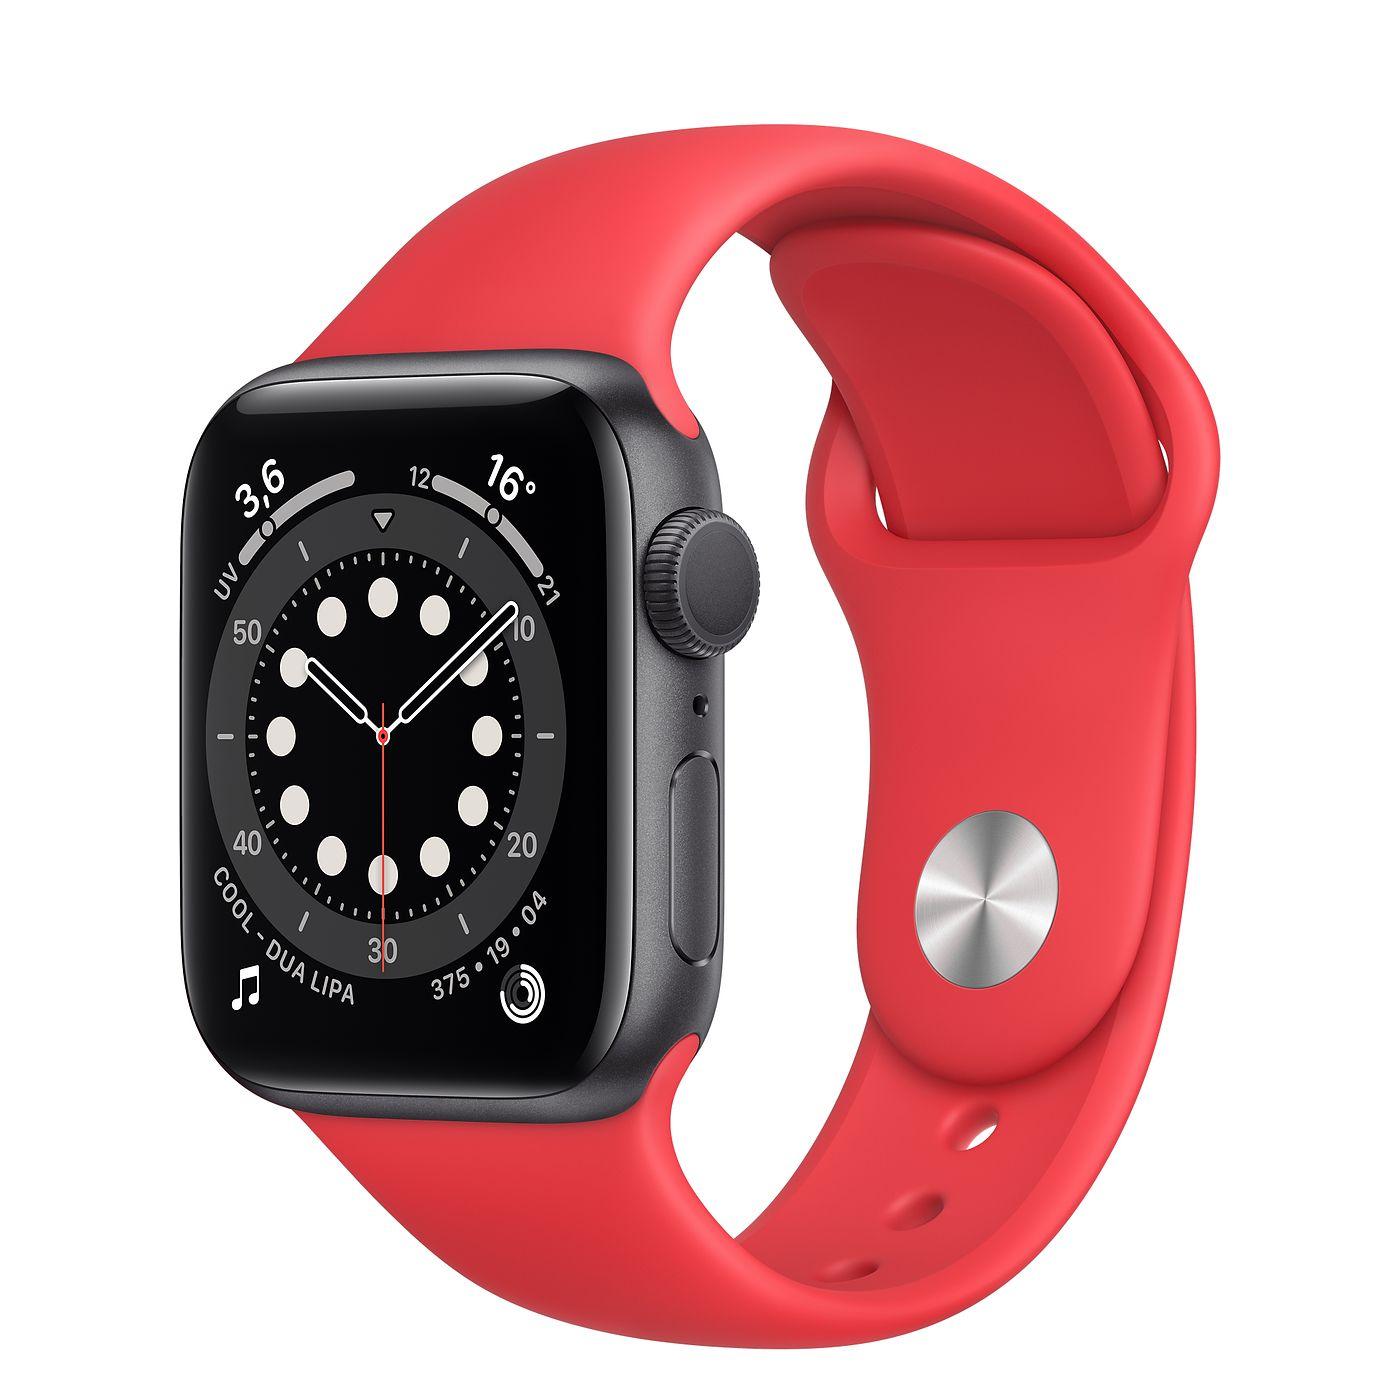 MYAR2_VW_34FR+watch-40-alum-spacegray-nc-6s_VW_34FR_WF_CO_GEO_FR